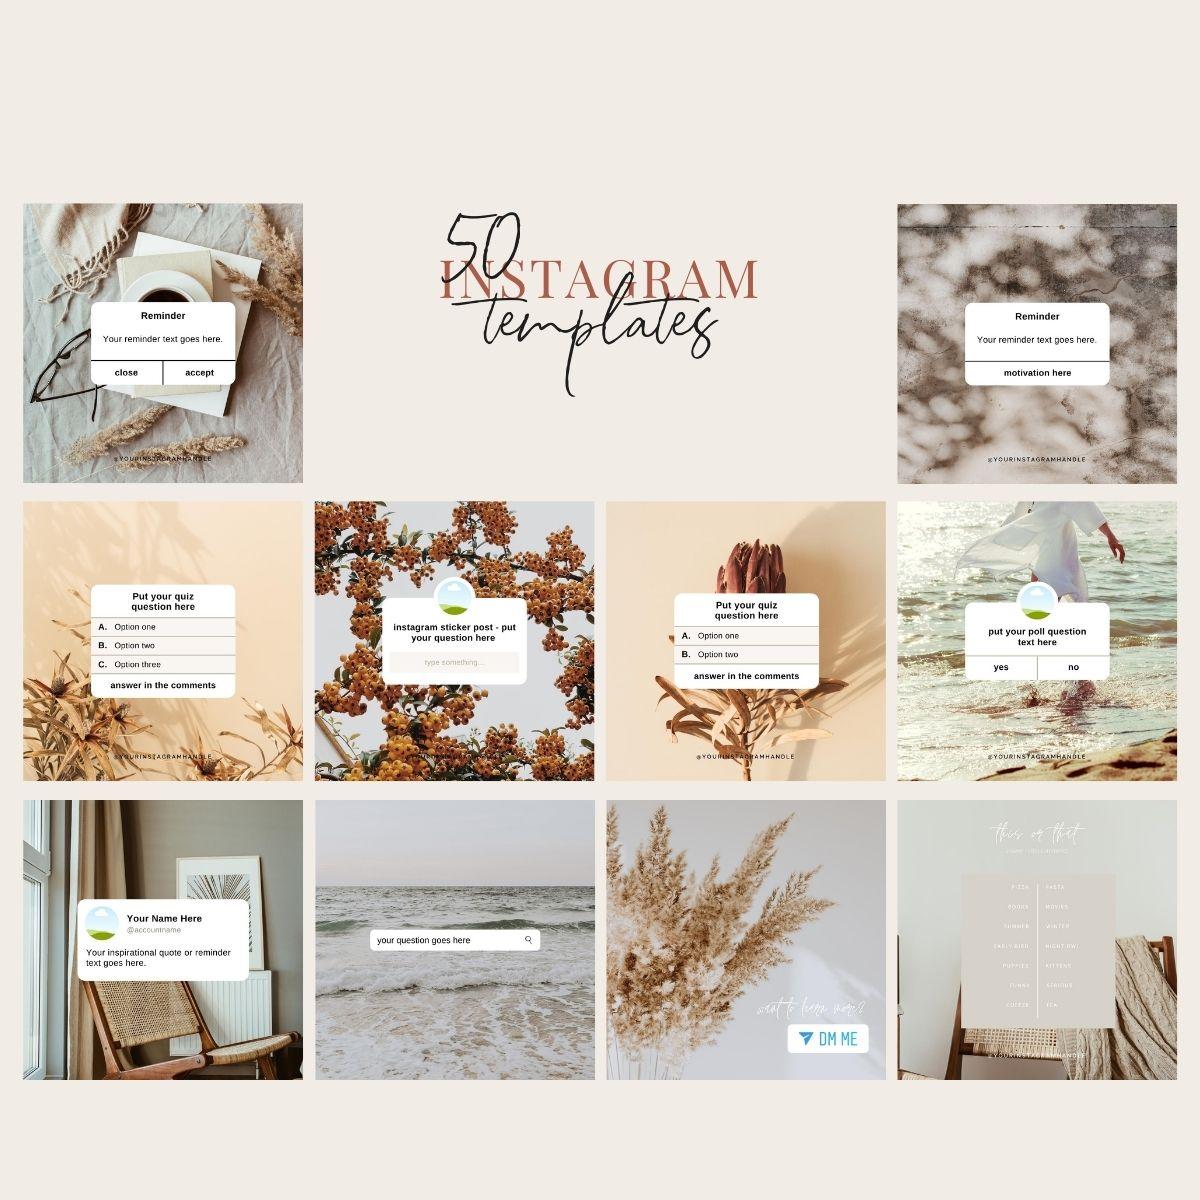 50 Instagram templates from laura o' mahony marketing